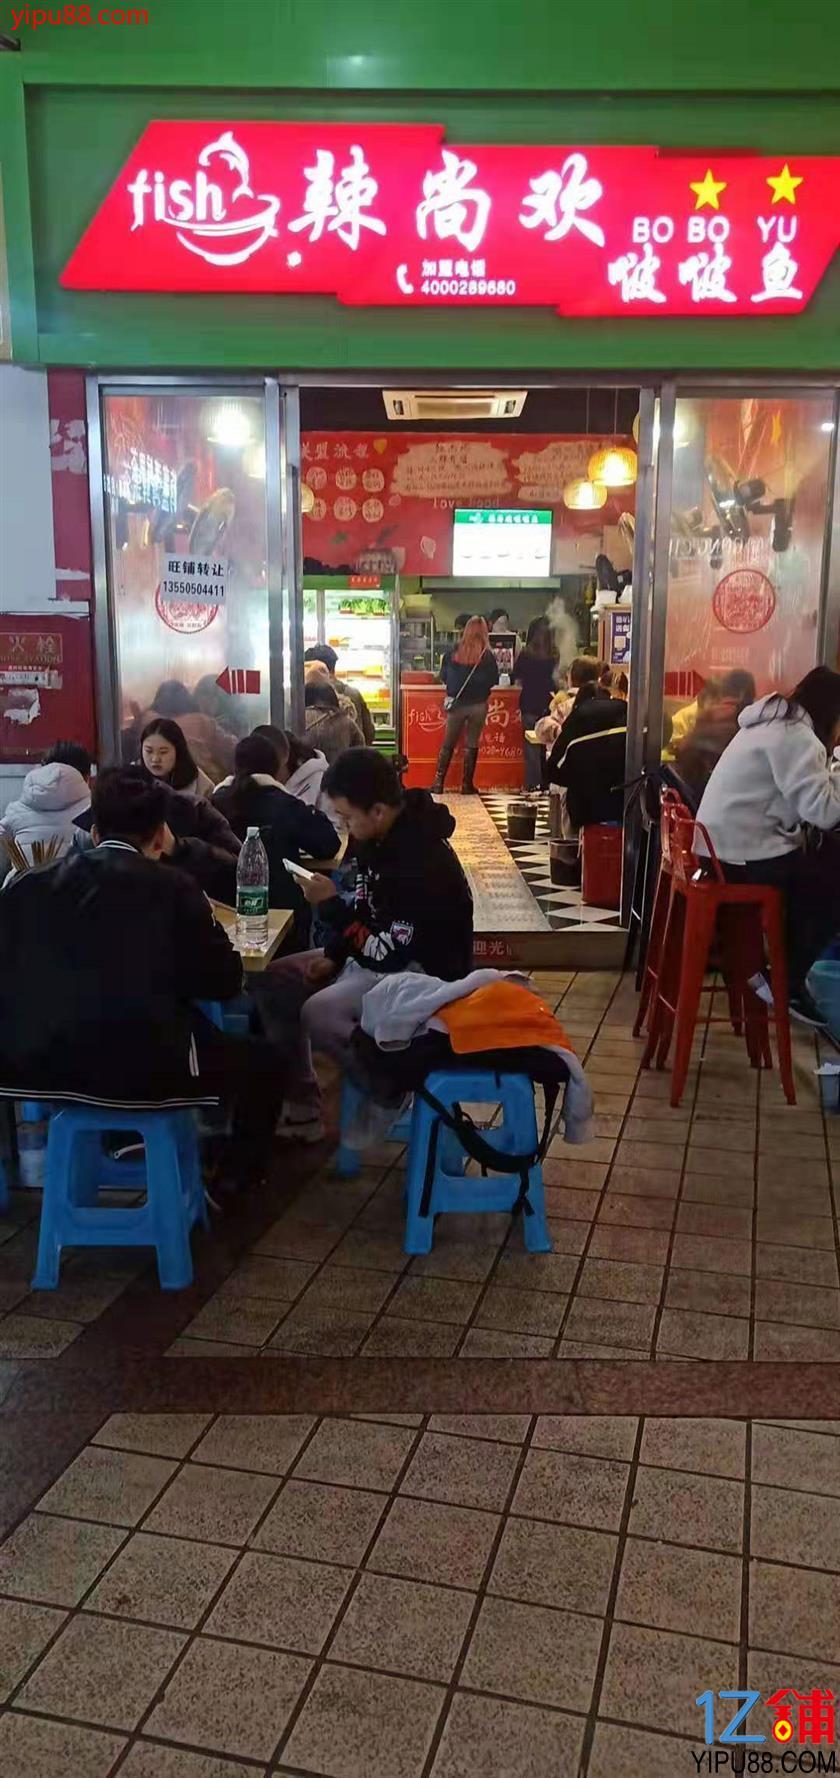 水电气三通盈利餐饮商业街旺铺转让《行业不限》